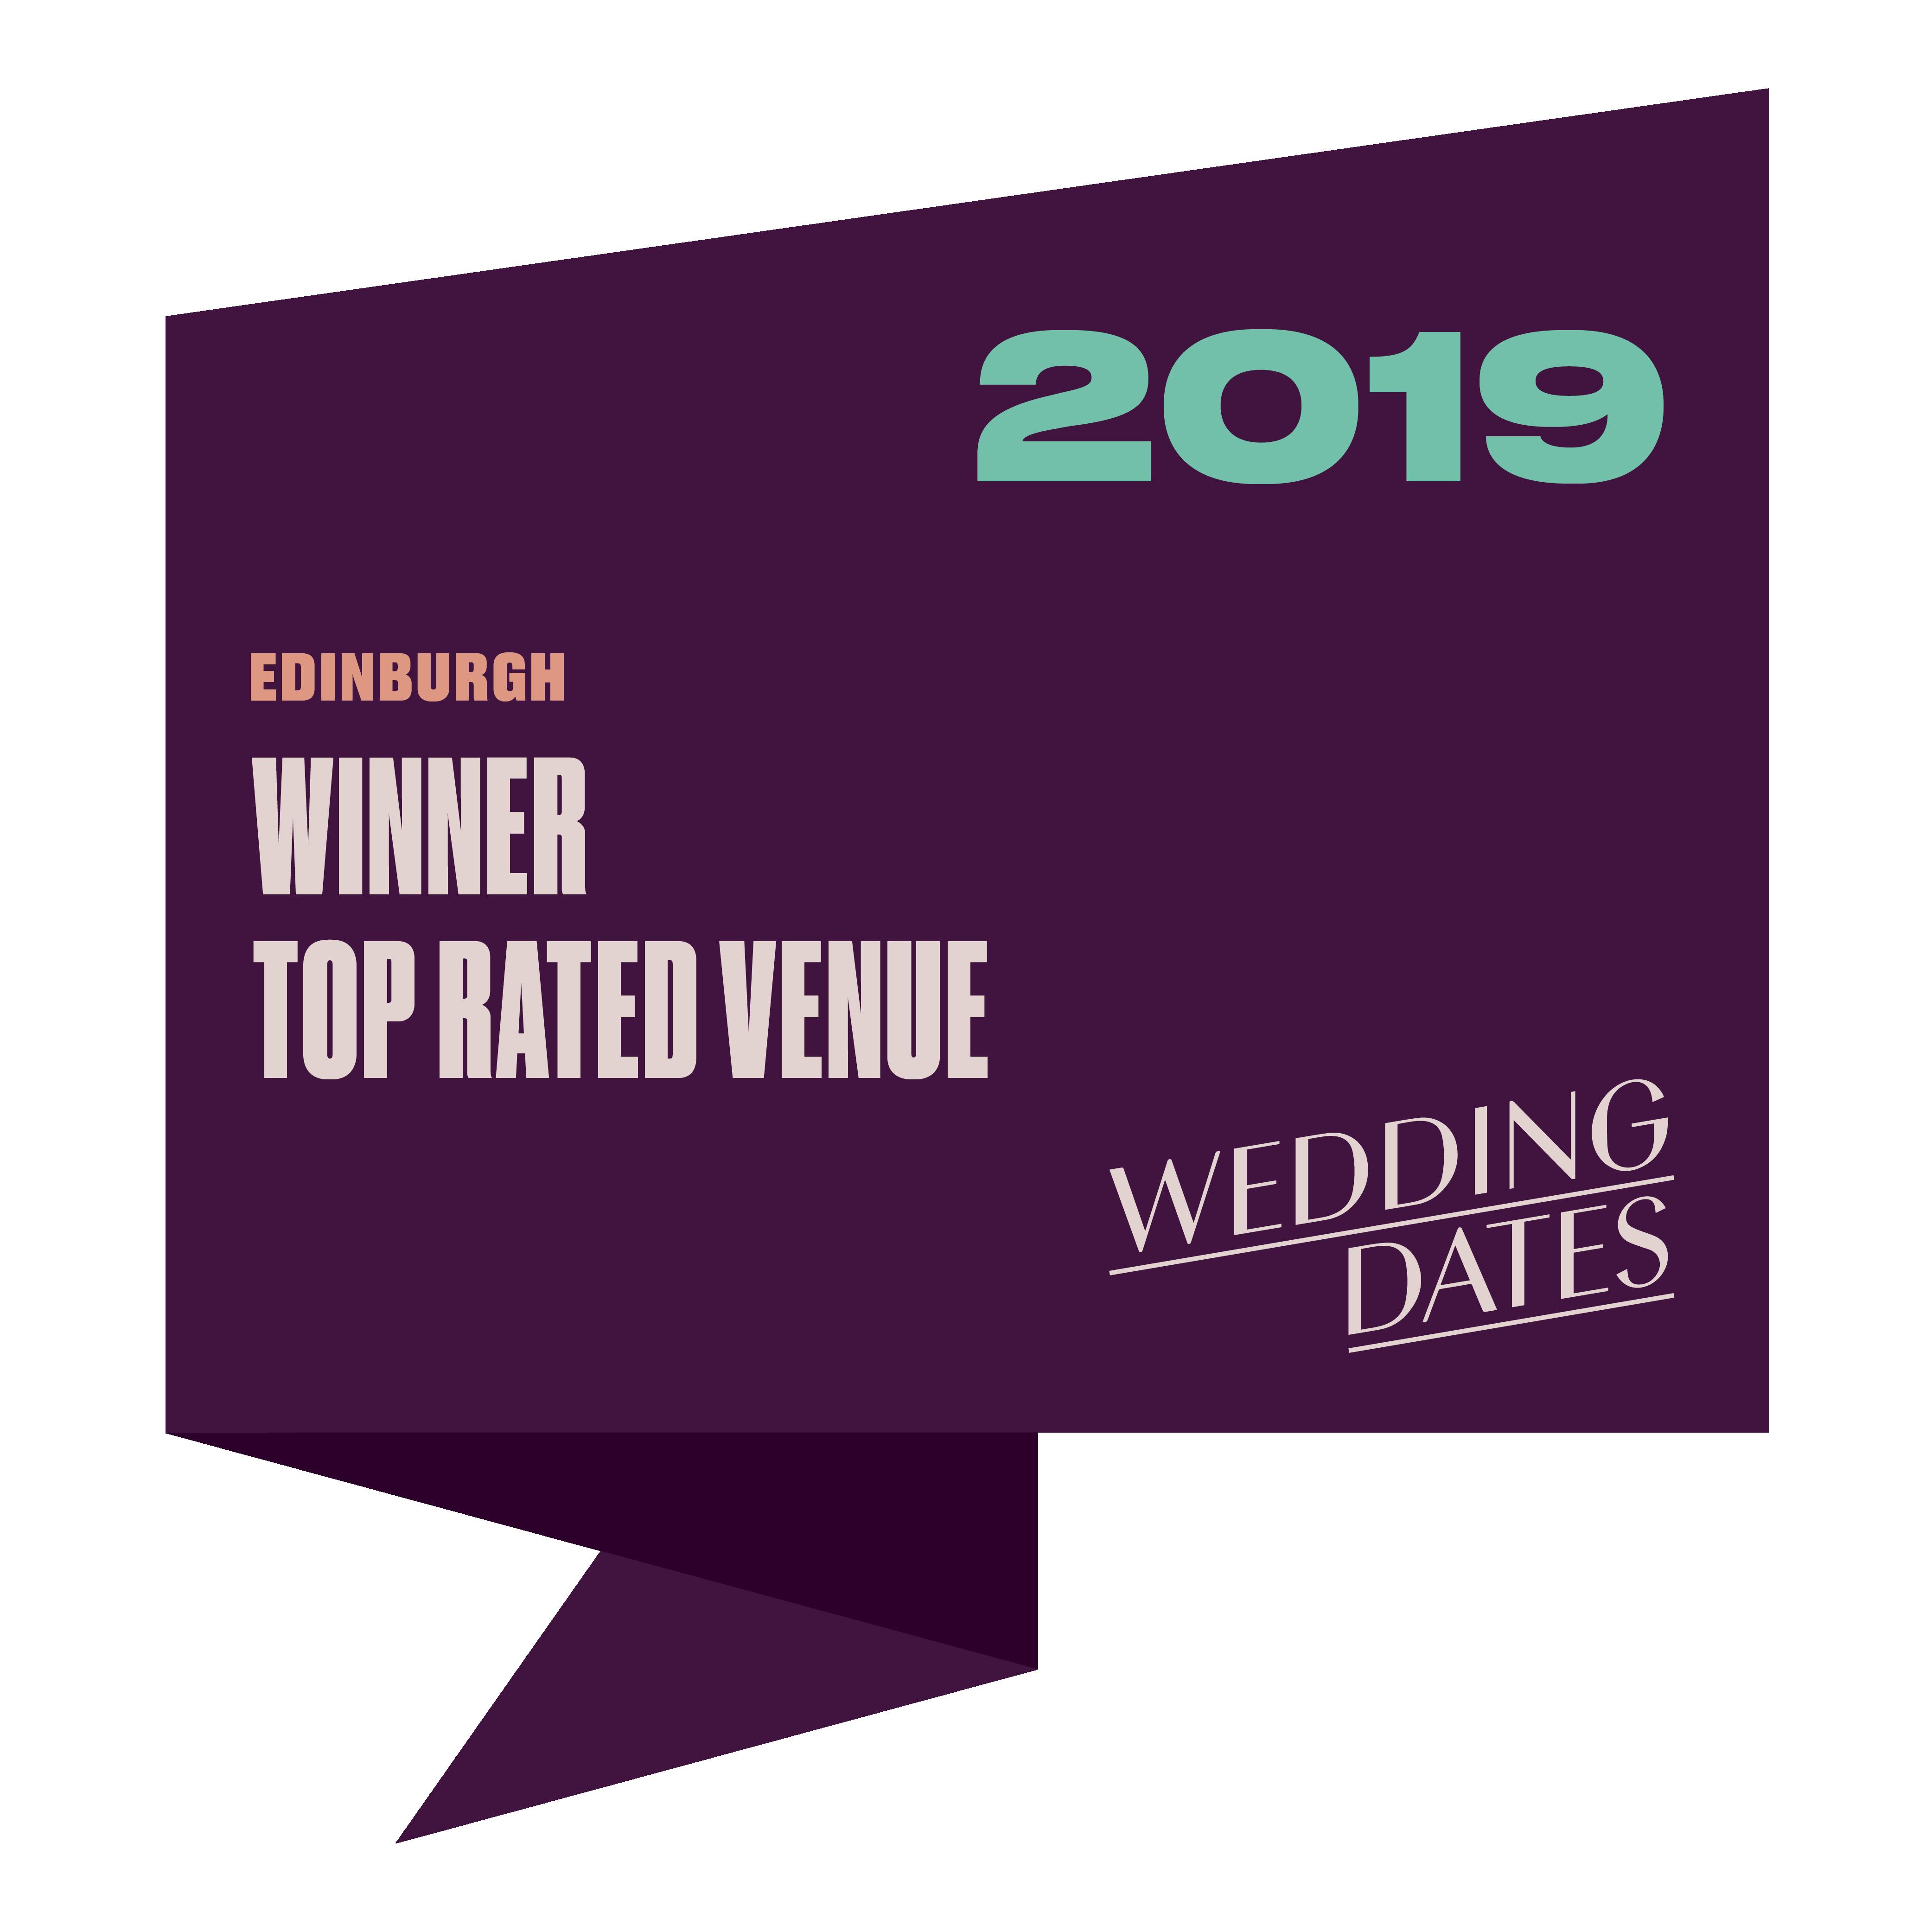 Top Rated Wedding Venues in Edinburgh 2019